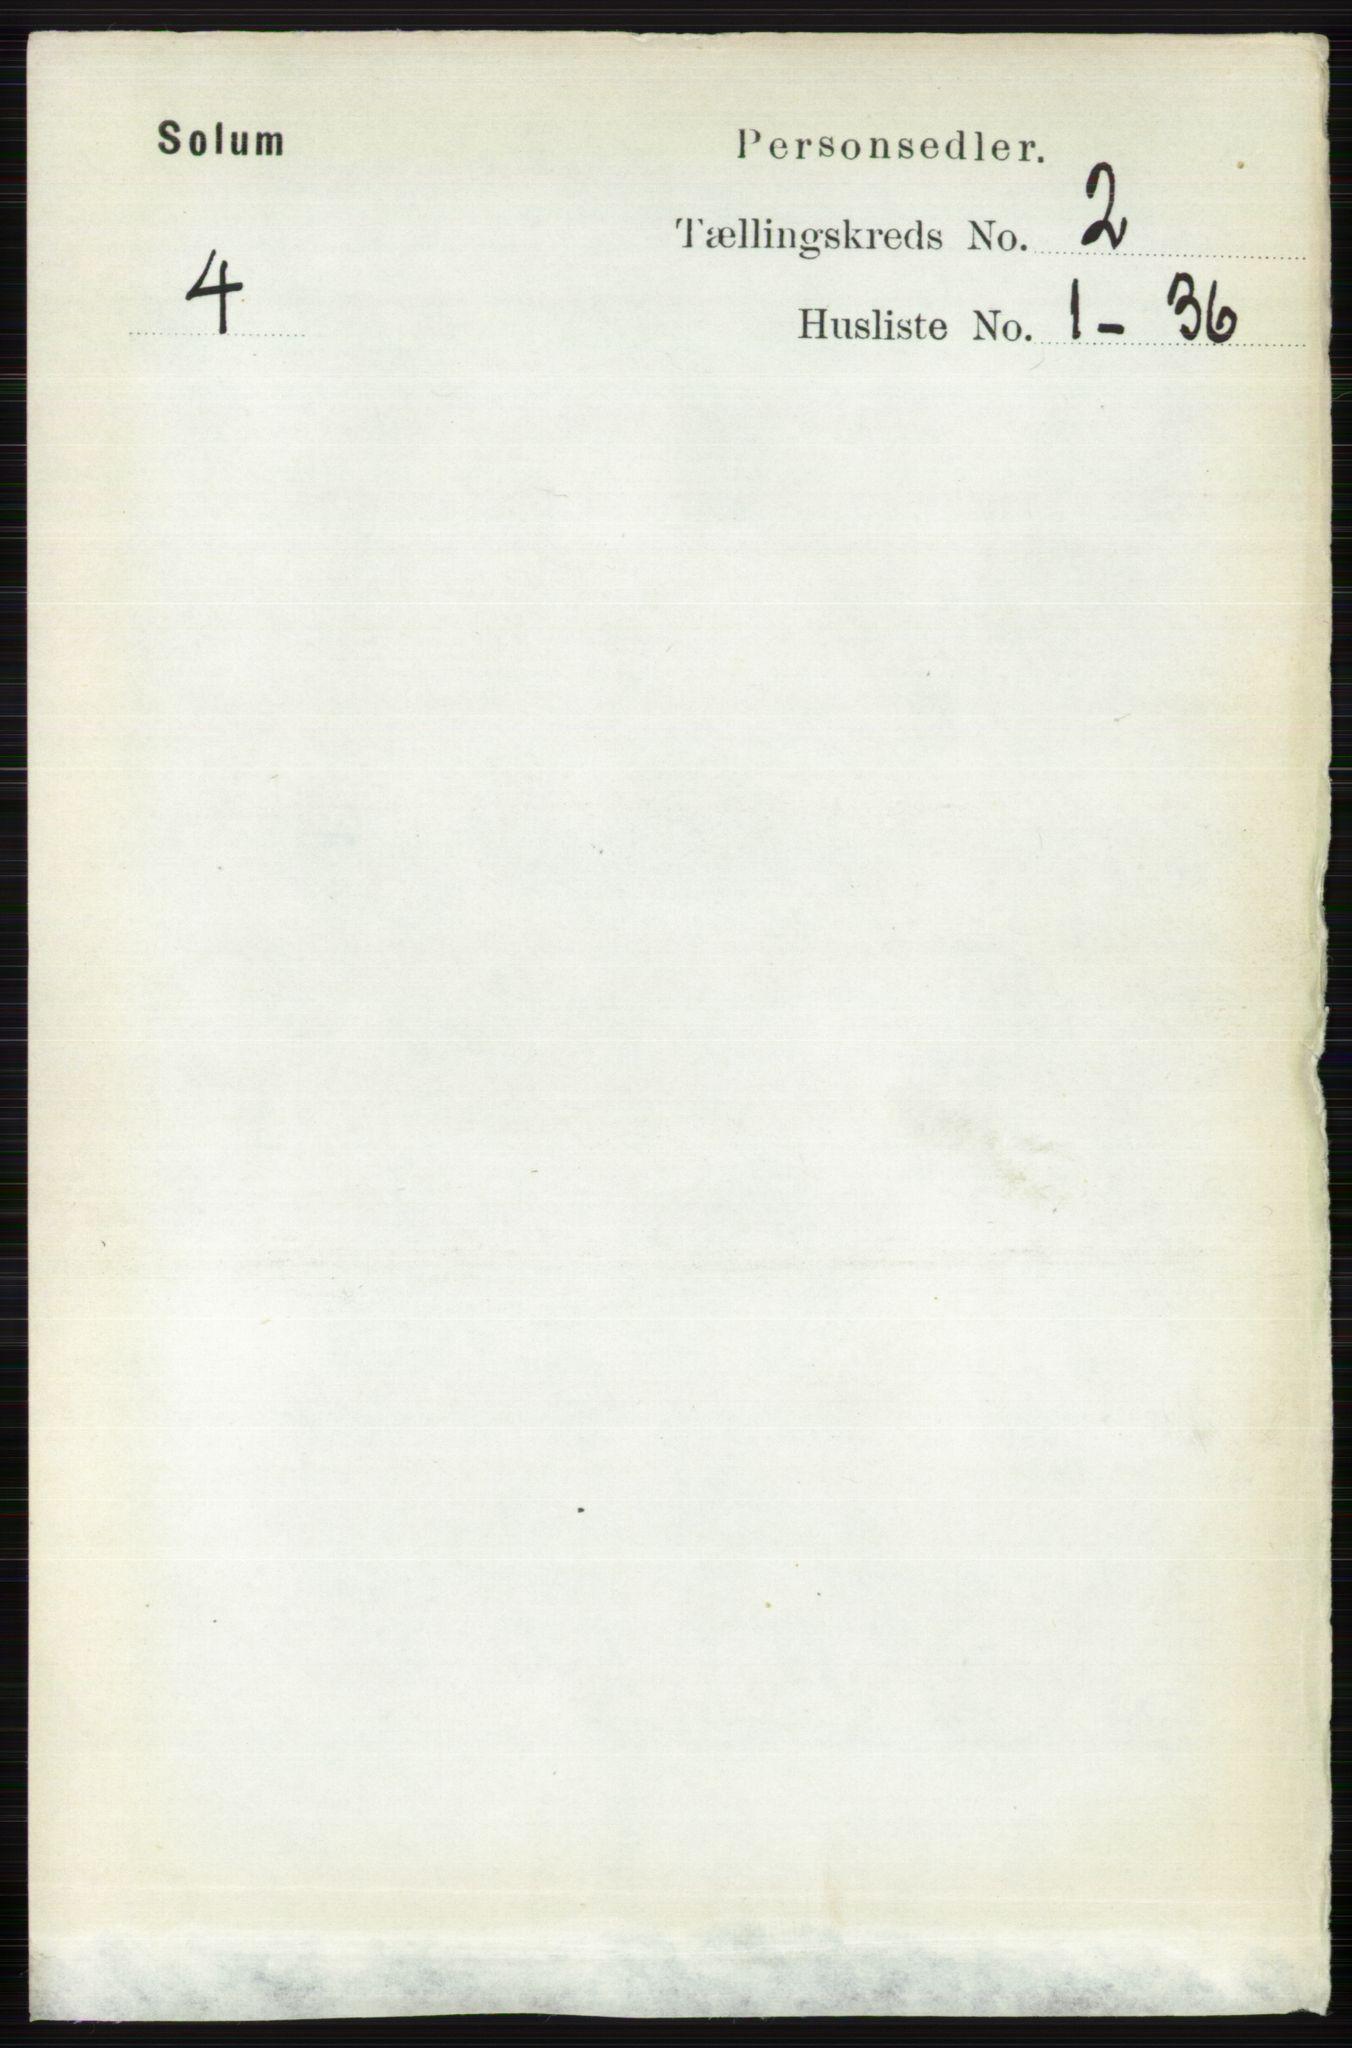 RA, Folketelling 1891 for 0818 Solum herred, 1891, s. 116